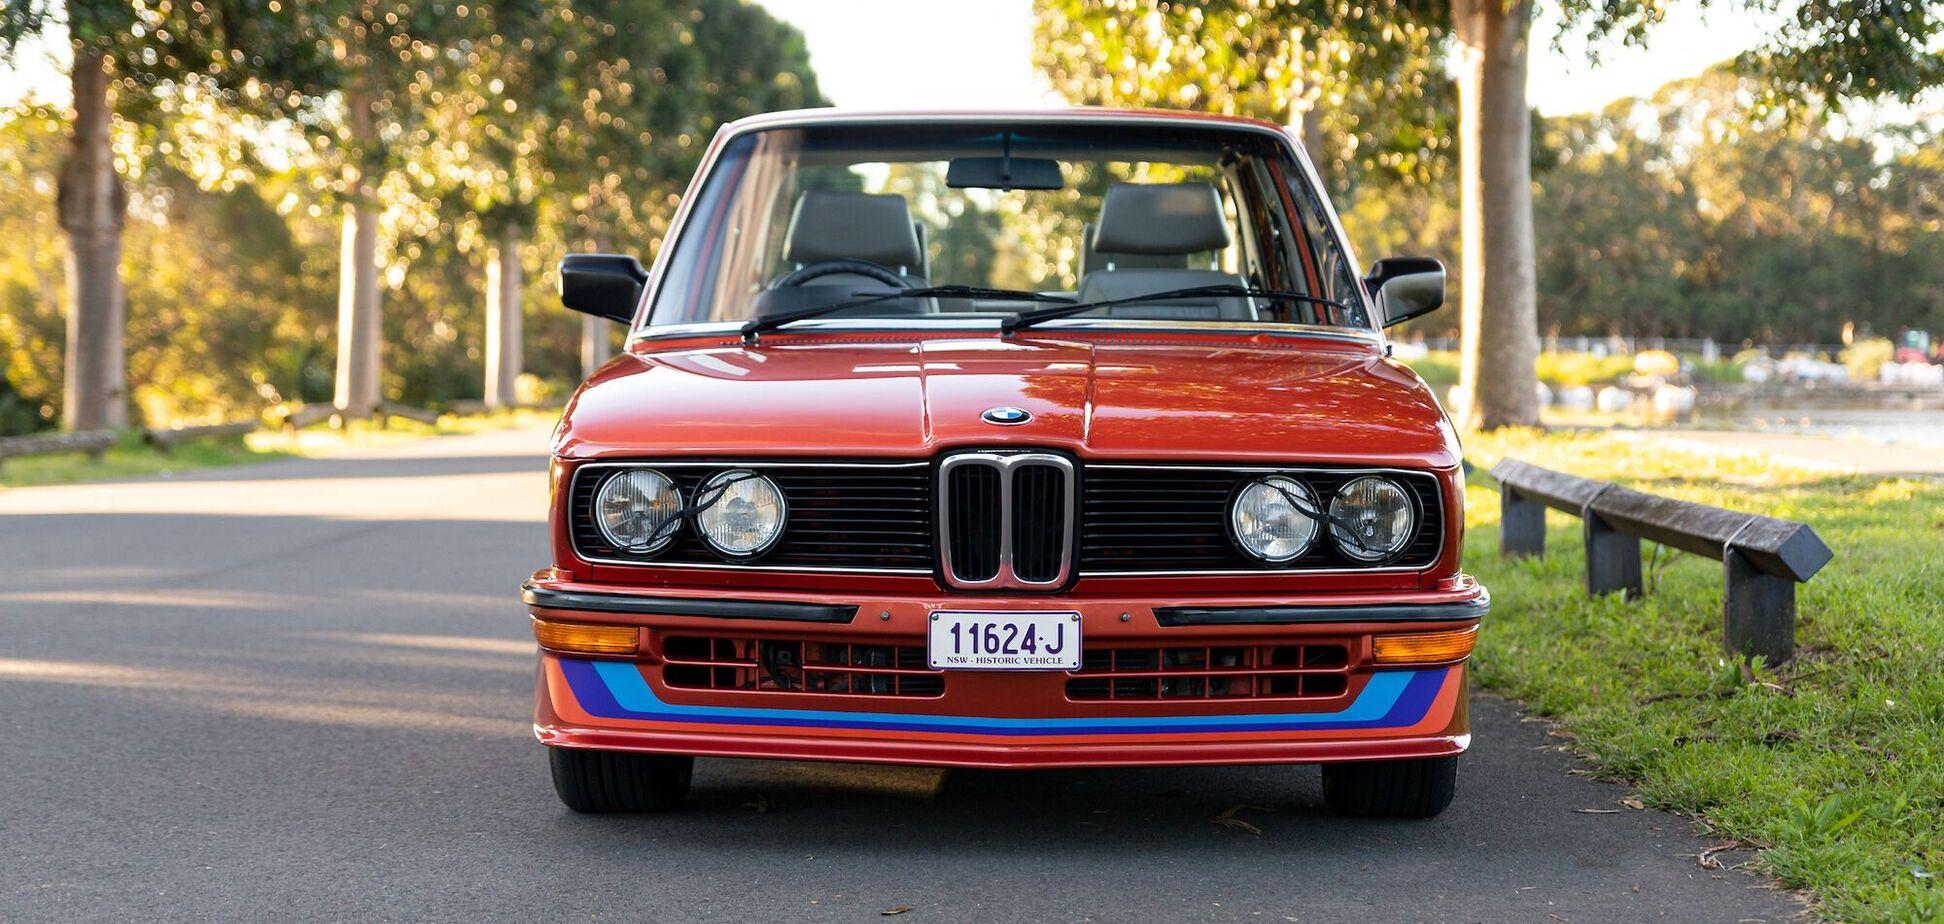 Редчайший BMW выставили на аукцион в Австралии